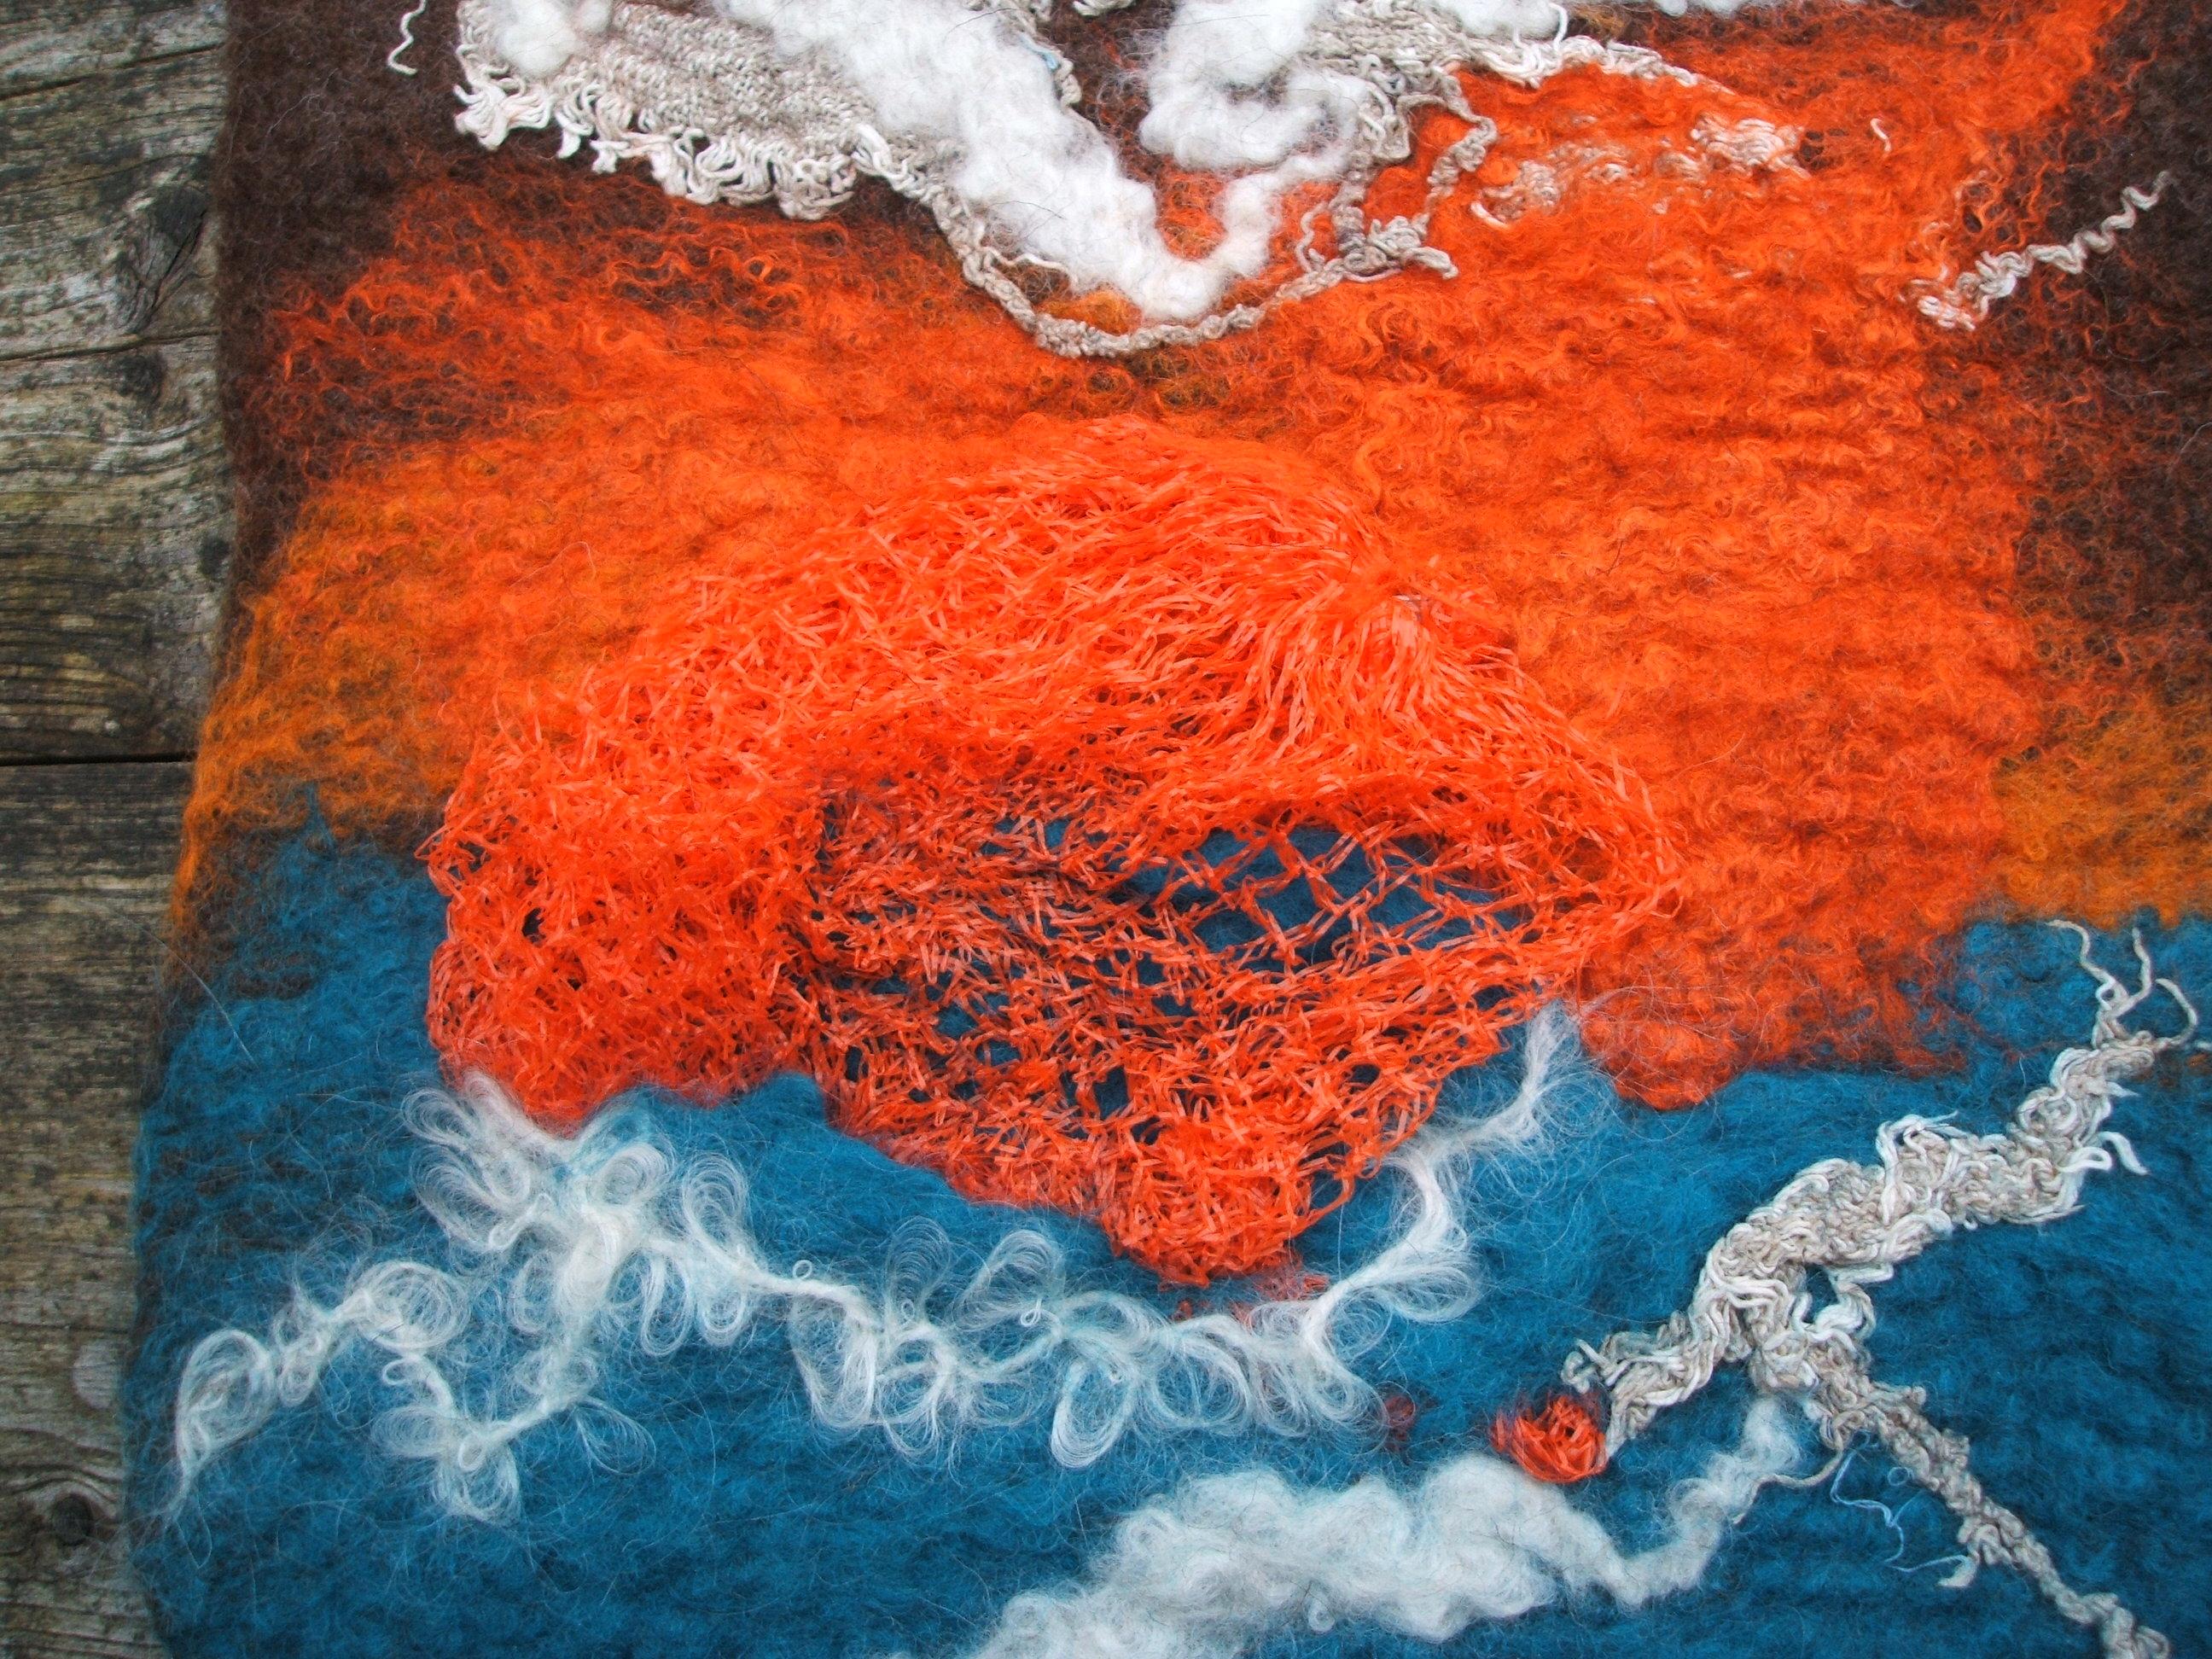 Detail of plastic onion net in felt